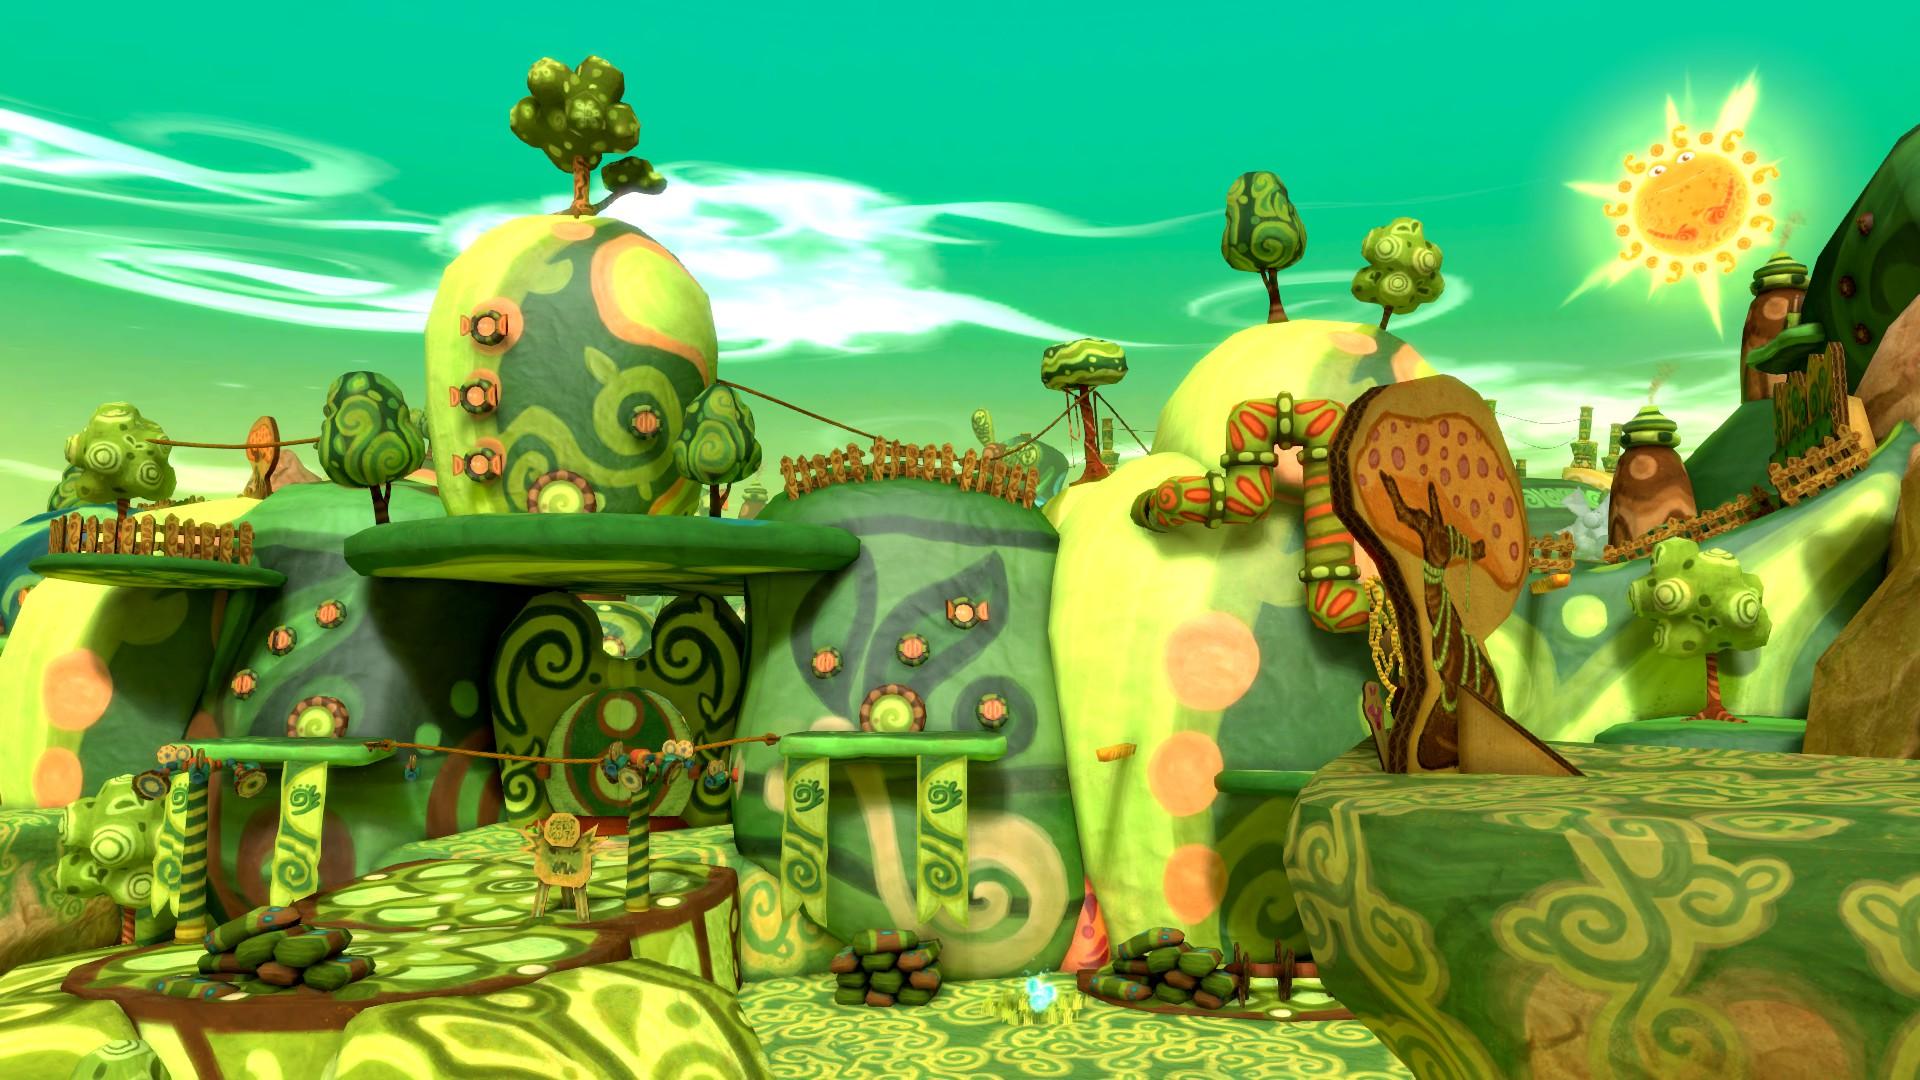 com.steam.260160-screenshot